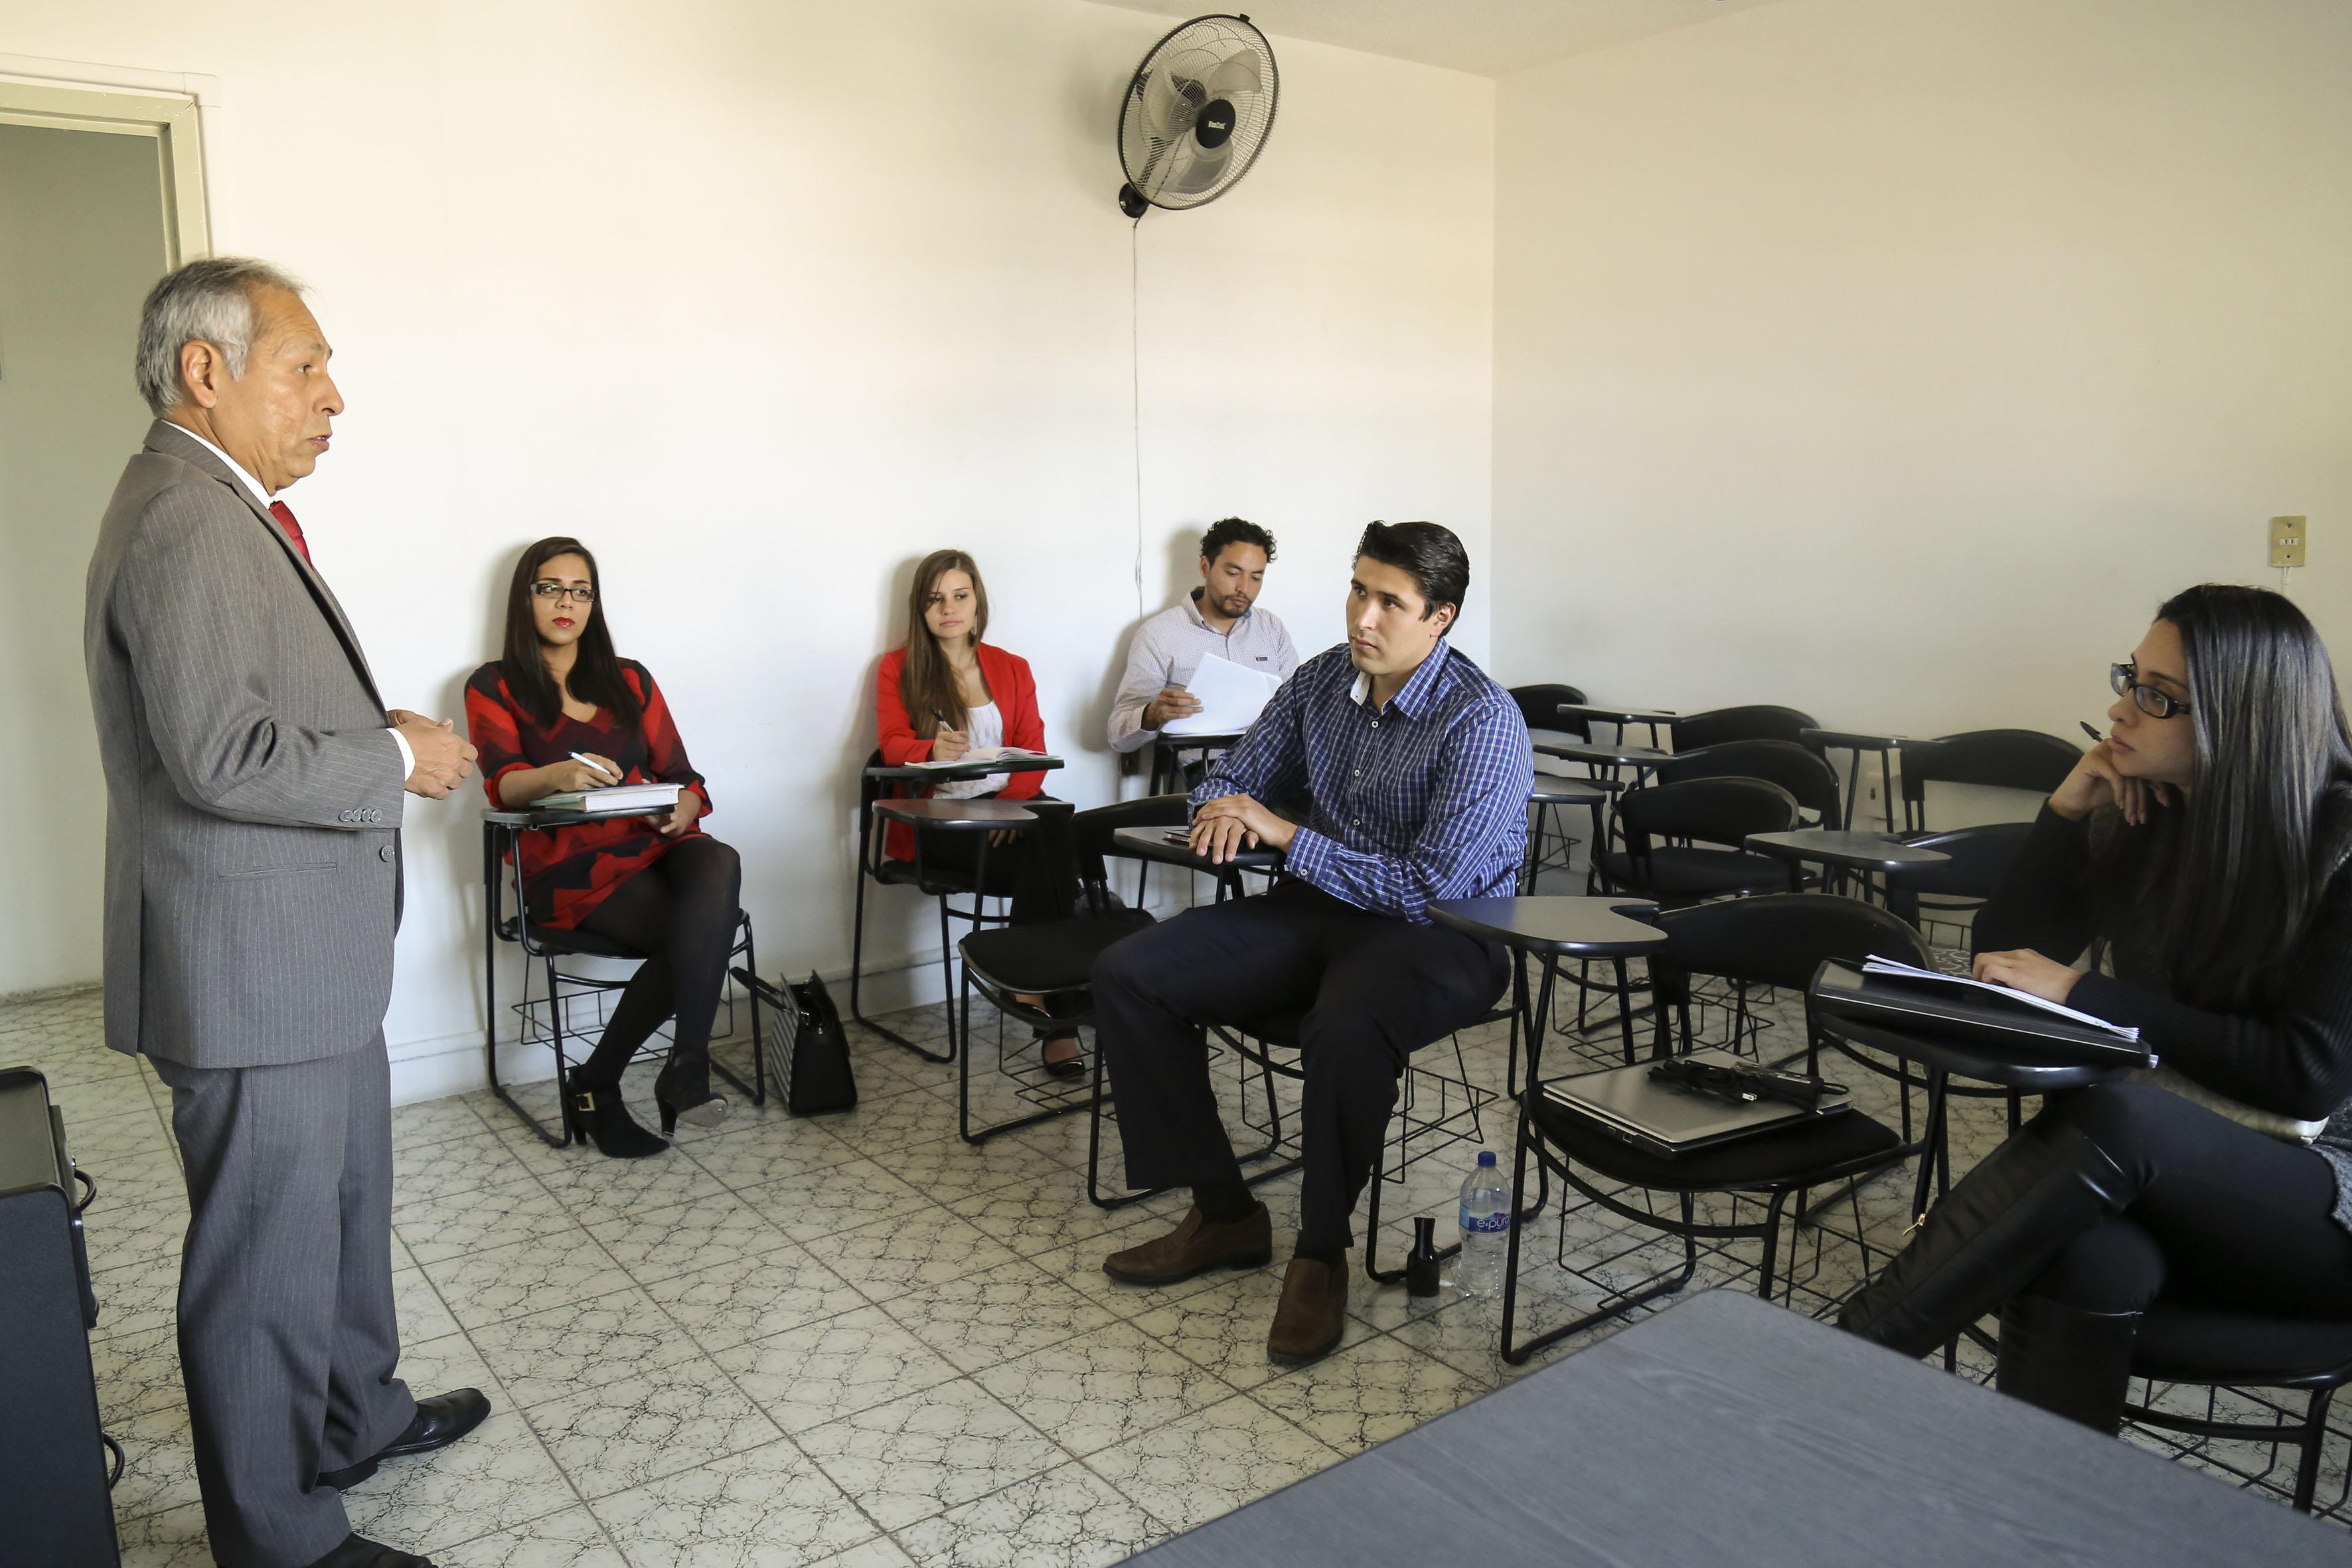 Profesor impartiendo su asignatura